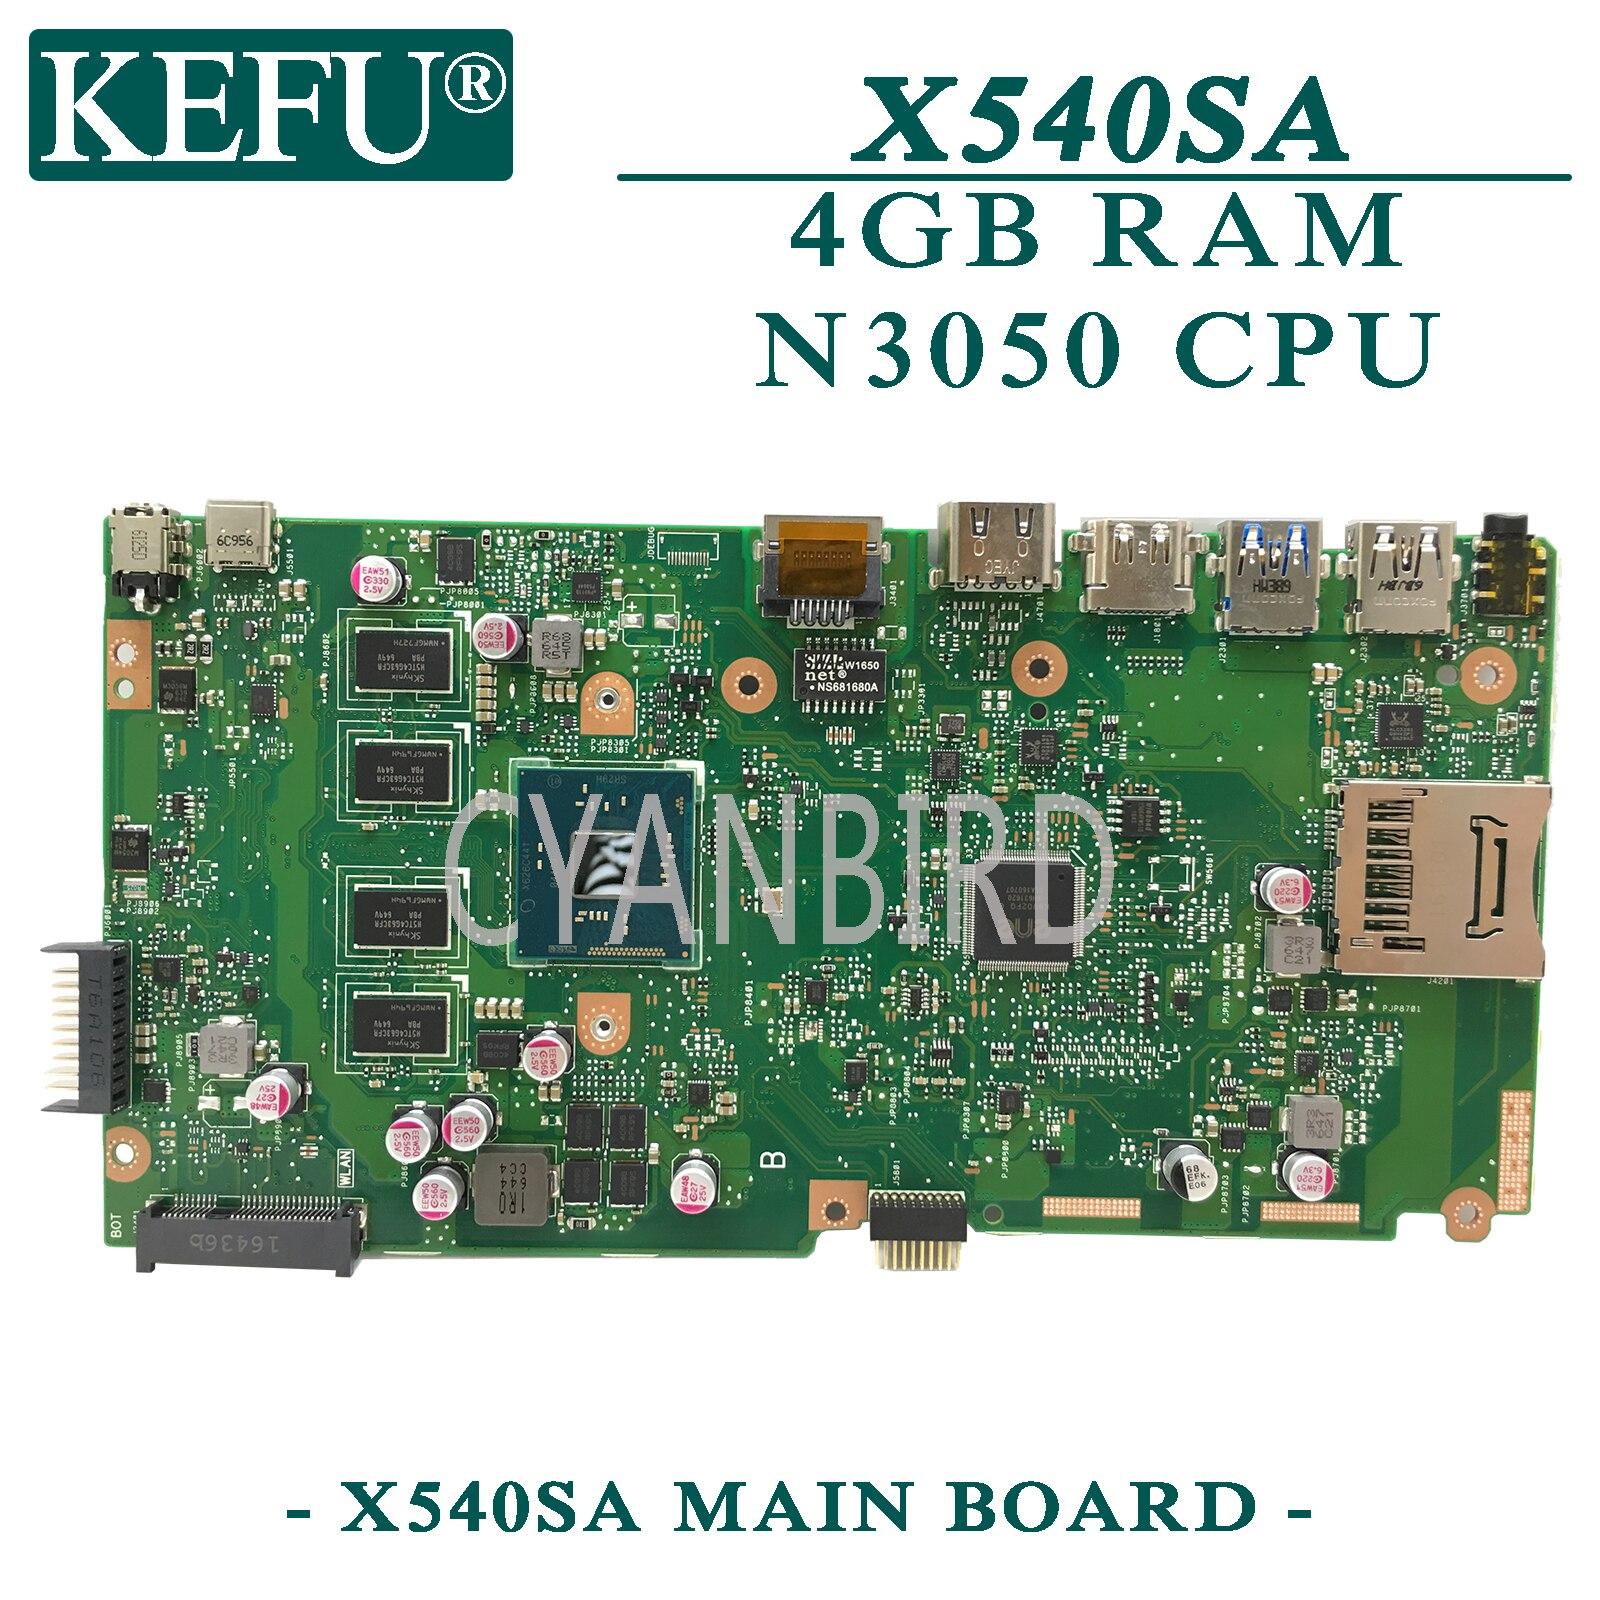 KEFU X540SA оригинальная материнская плата ASUS X540SAA с 4GB-RAM N3050 материнская плата для ноутбука